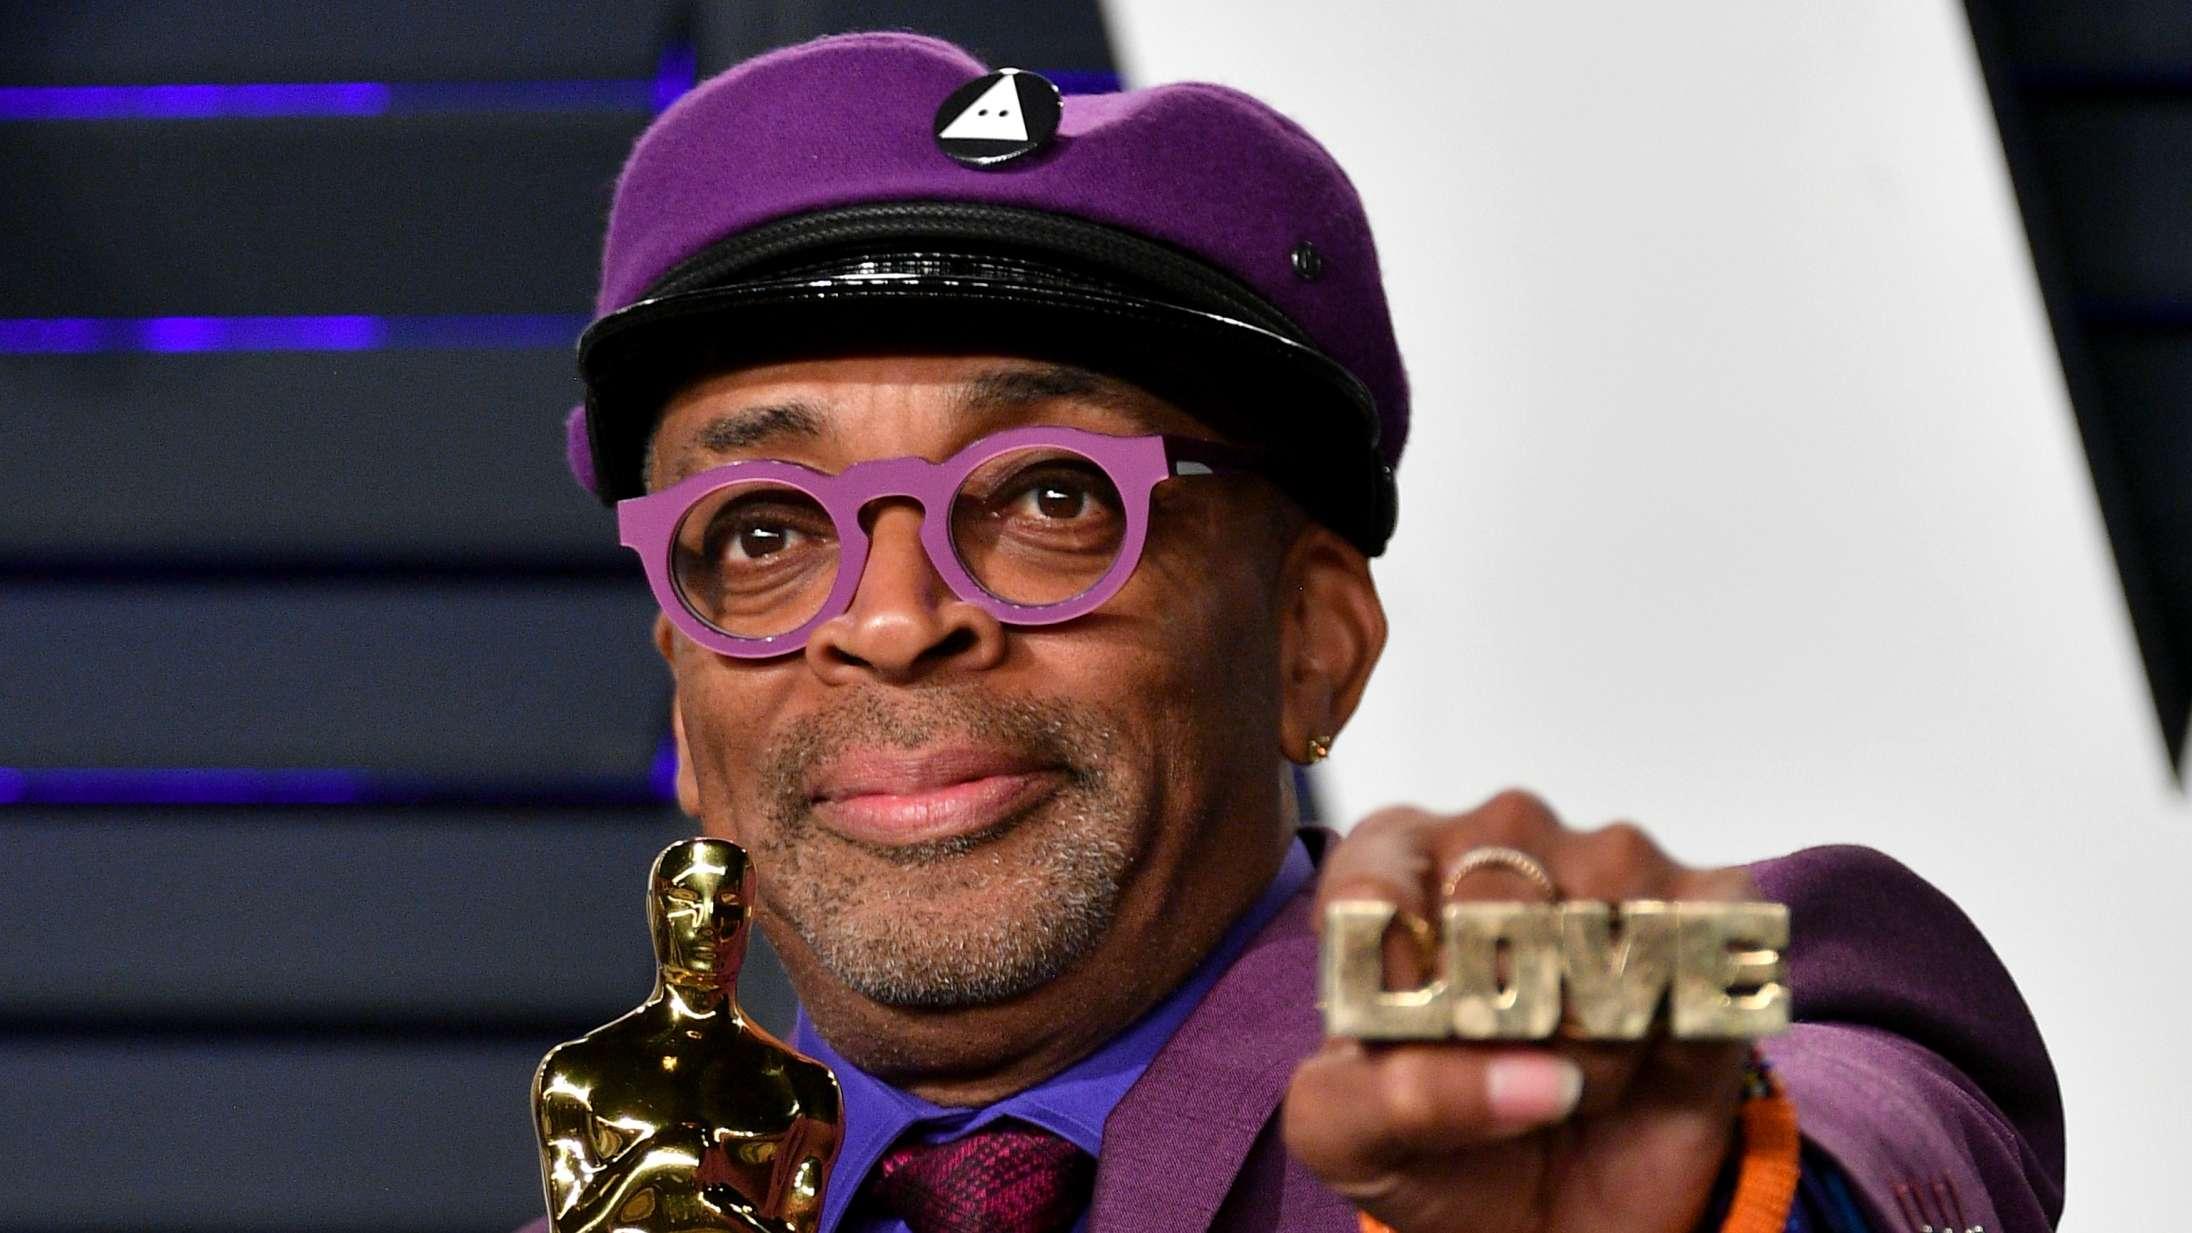 Spike Lee kritiserer de nye Oscar-mangfoldighedskrav – og hylder Chadwick Boseman